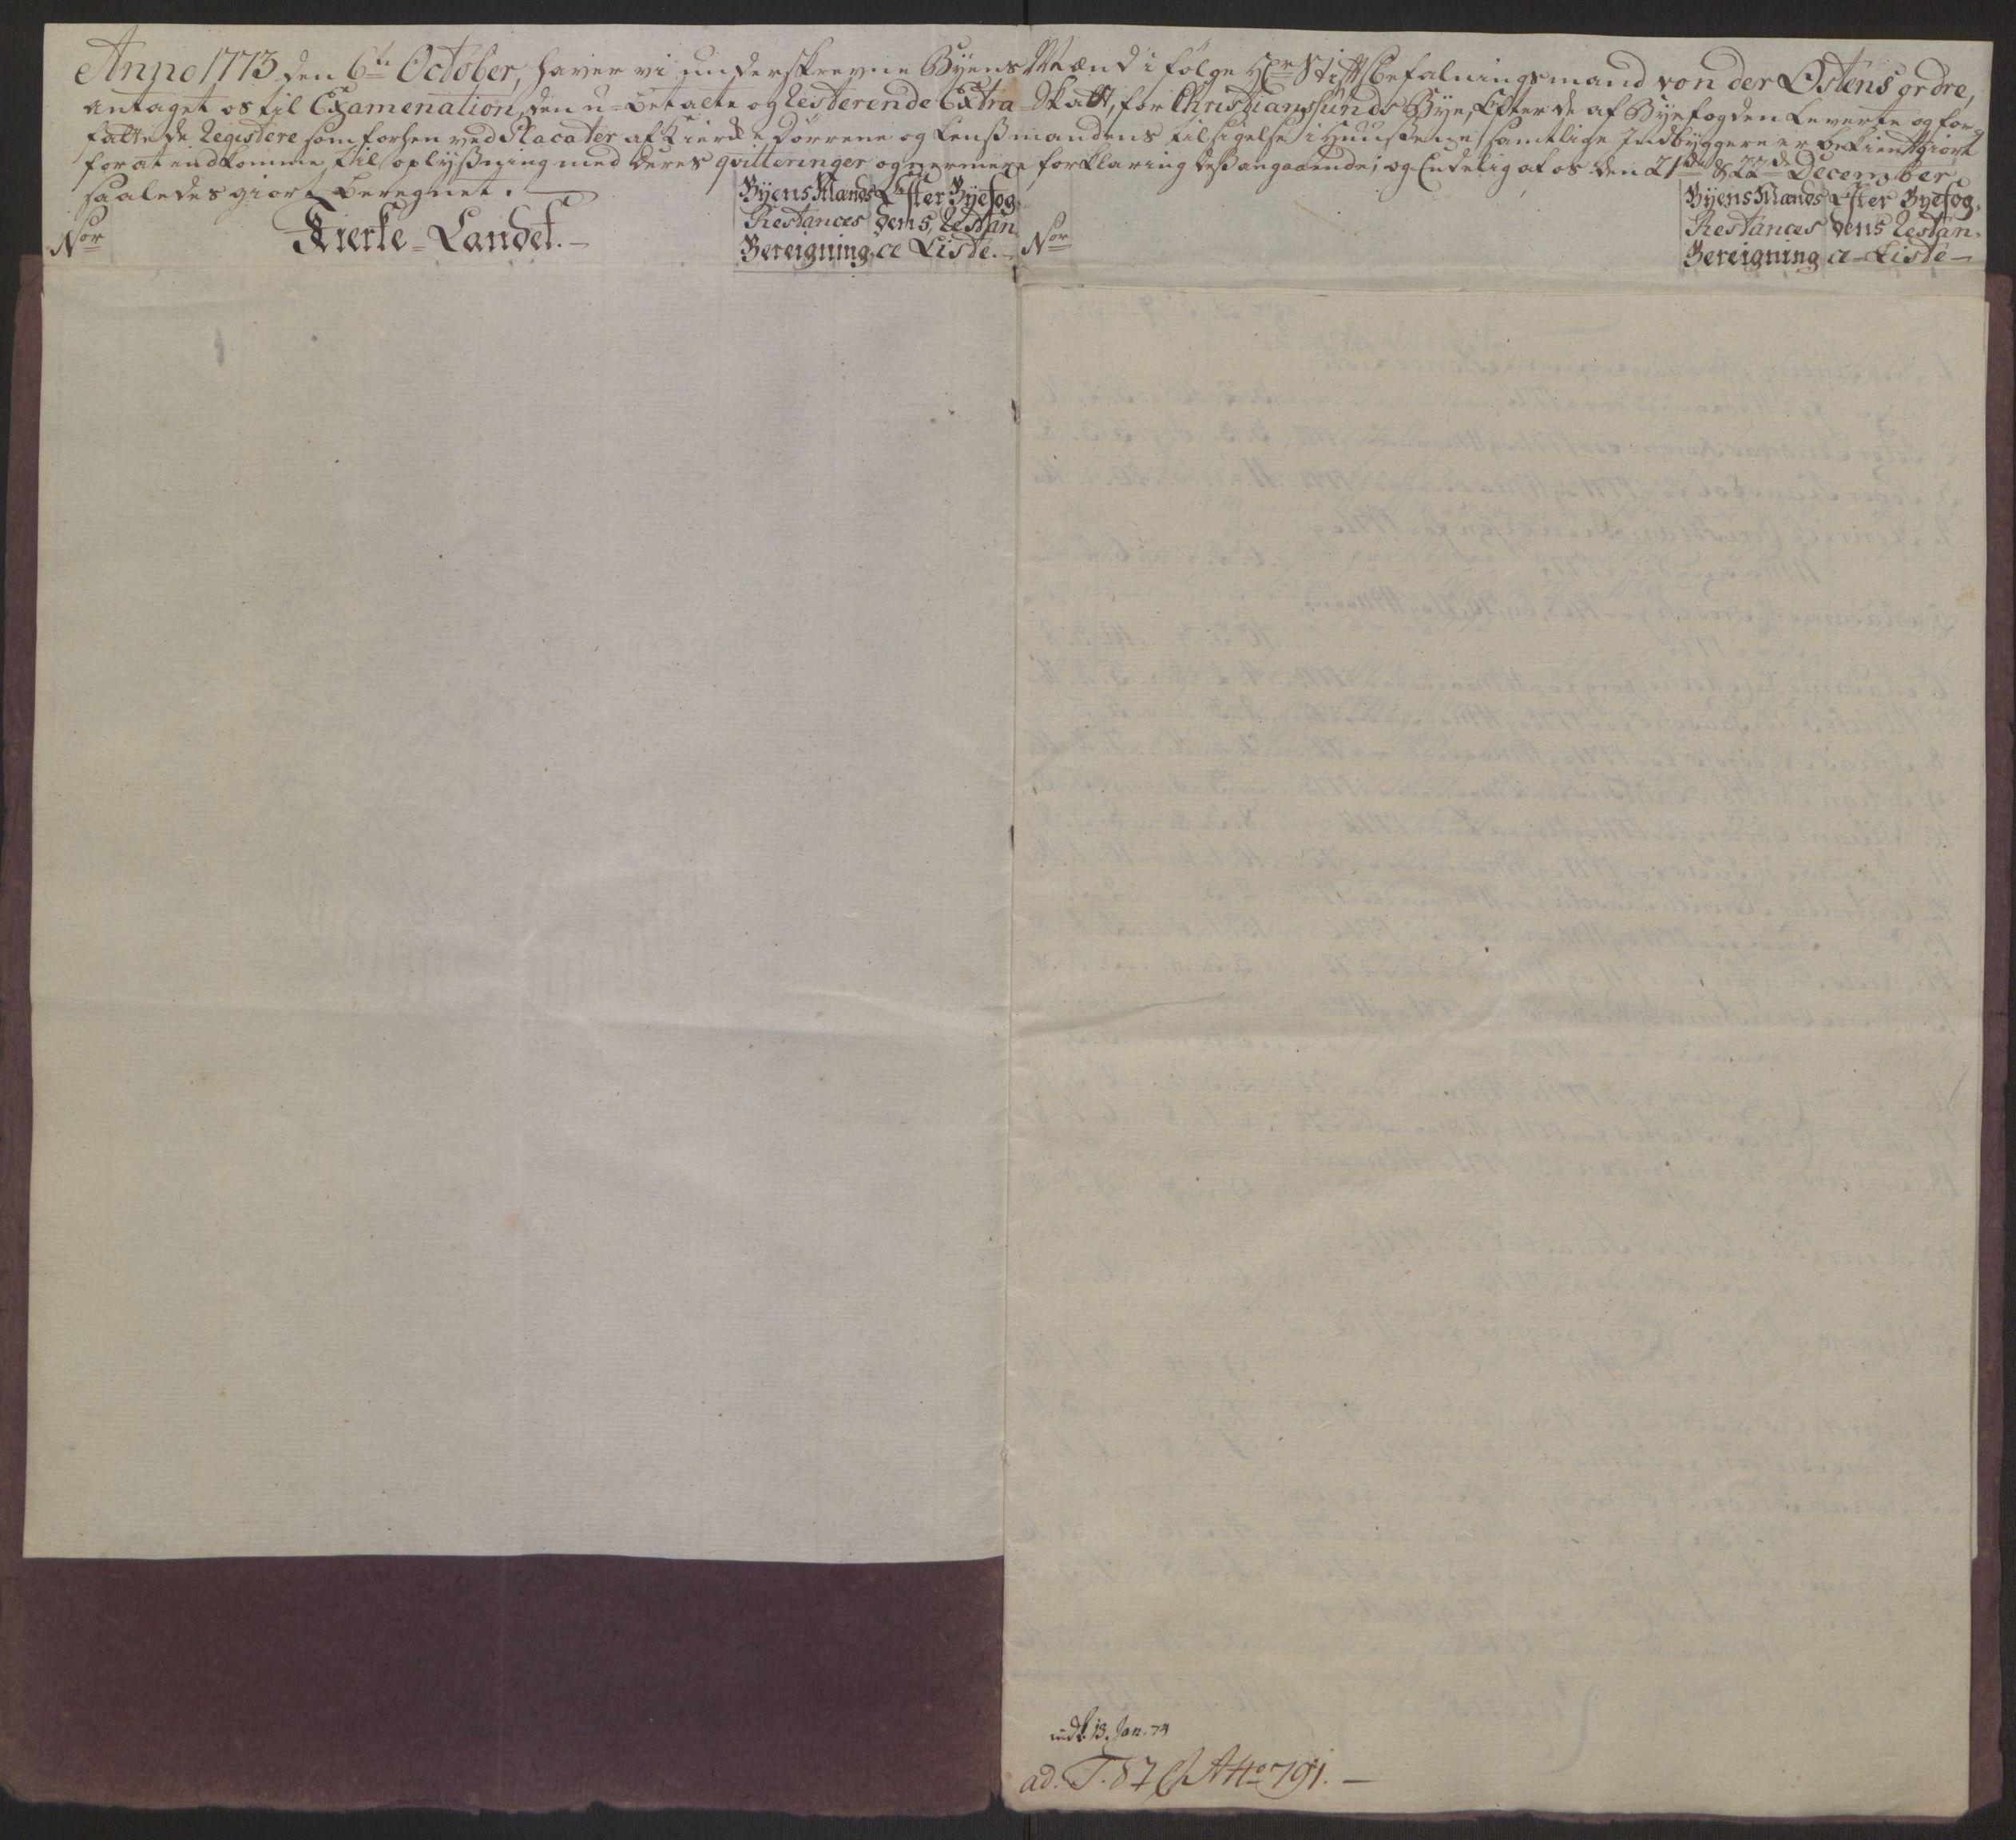 RA, Rentekammeret inntil 1814, Reviderte regnskaper, Byregnskaper, R/Rr/L0495: [R1] Kontribusjonsregnskap, 1762-1772, s. 279